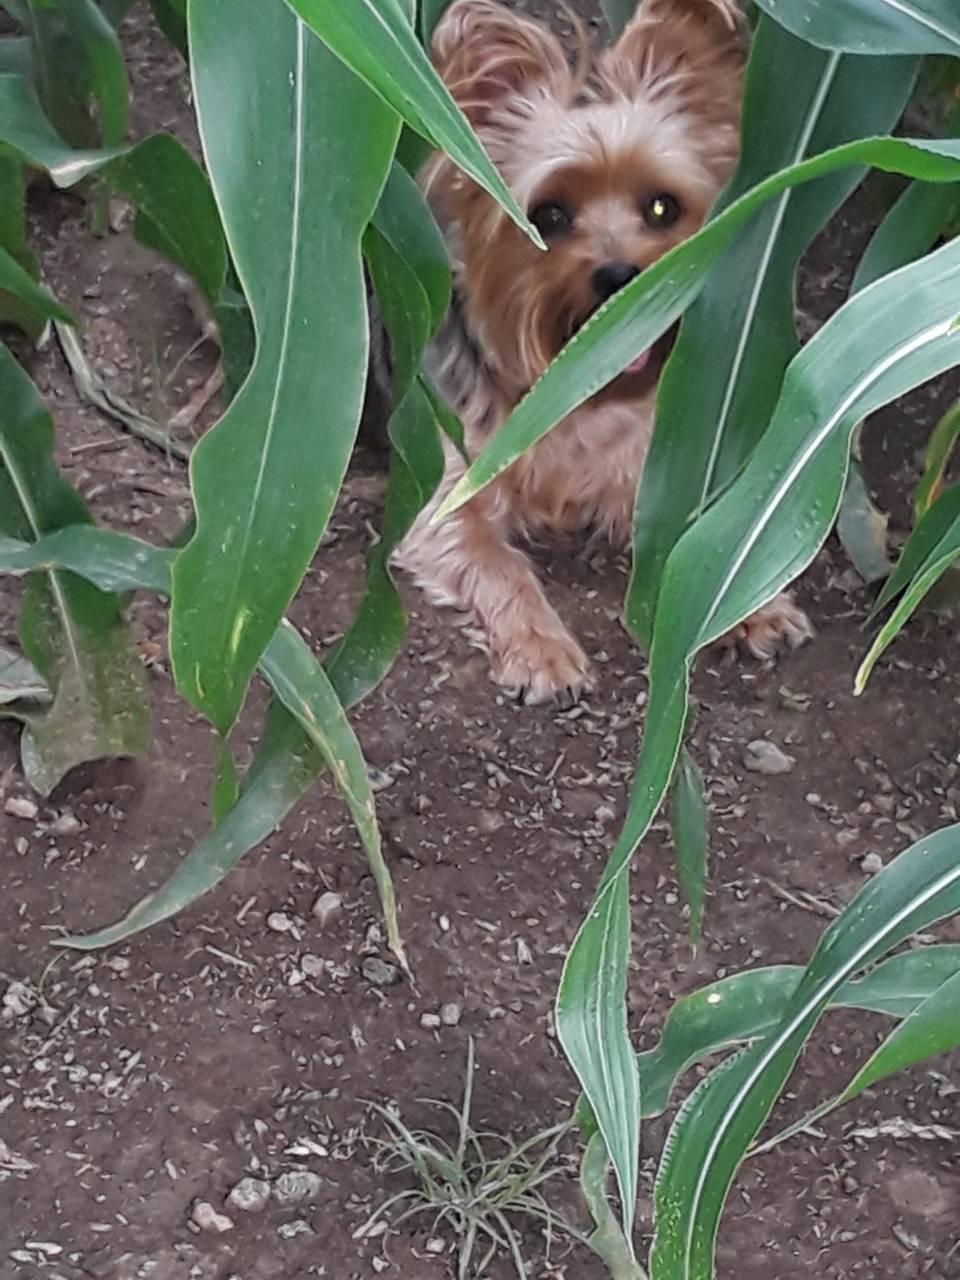 Hiding in the corn